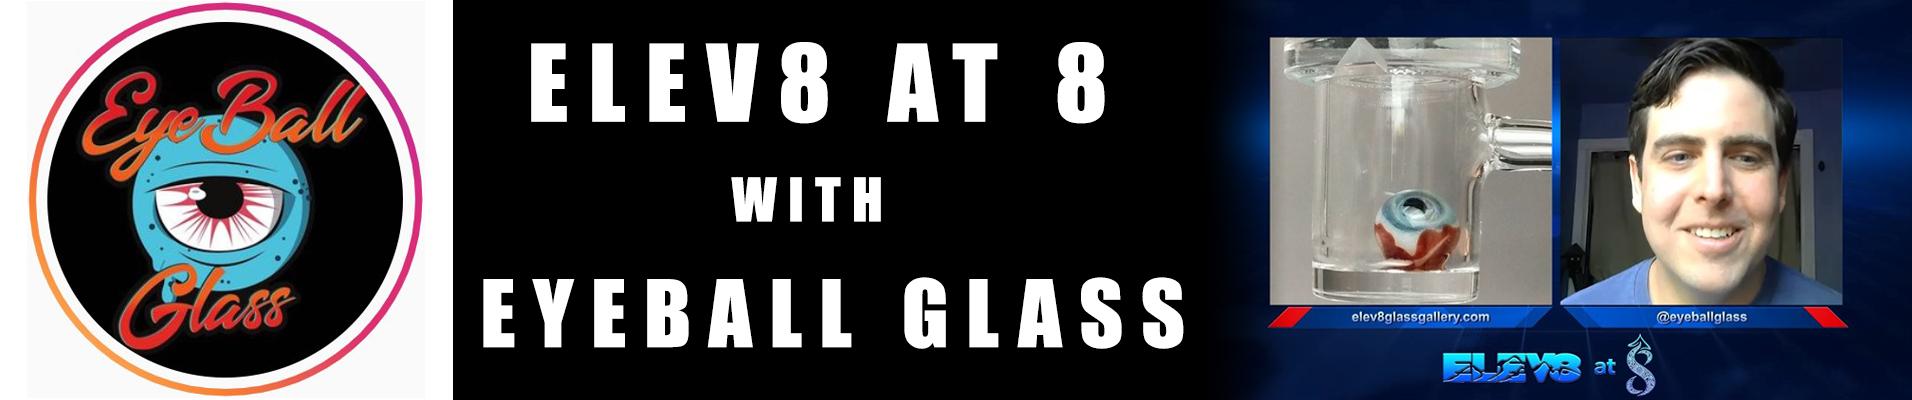 eyeball-glass-banner.jpg